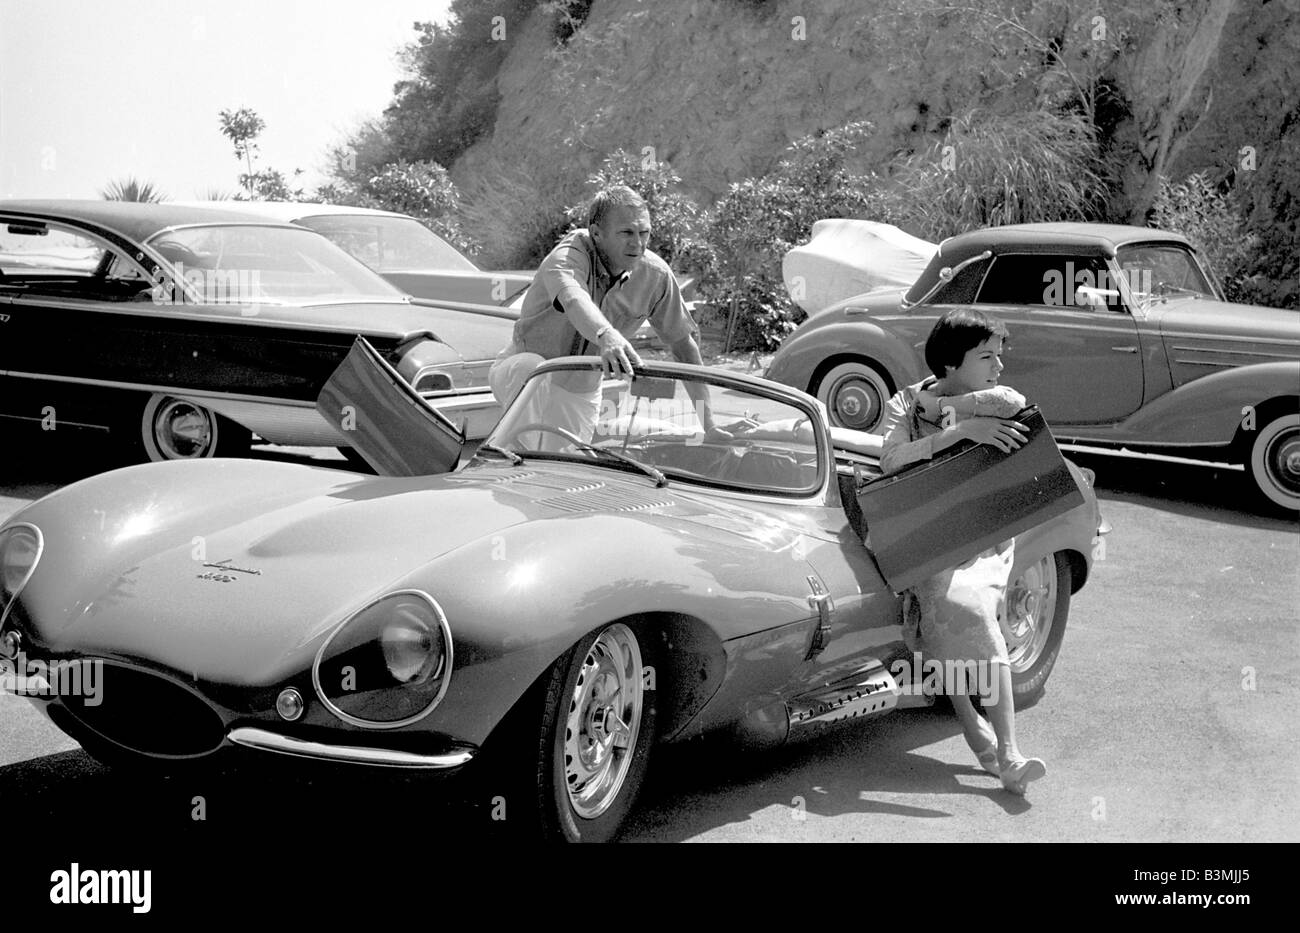 steve mcqueen nous film star avec son pouse nellie et certains de leurs voitures sur 1967. Black Bedroom Furniture Sets. Home Design Ideas